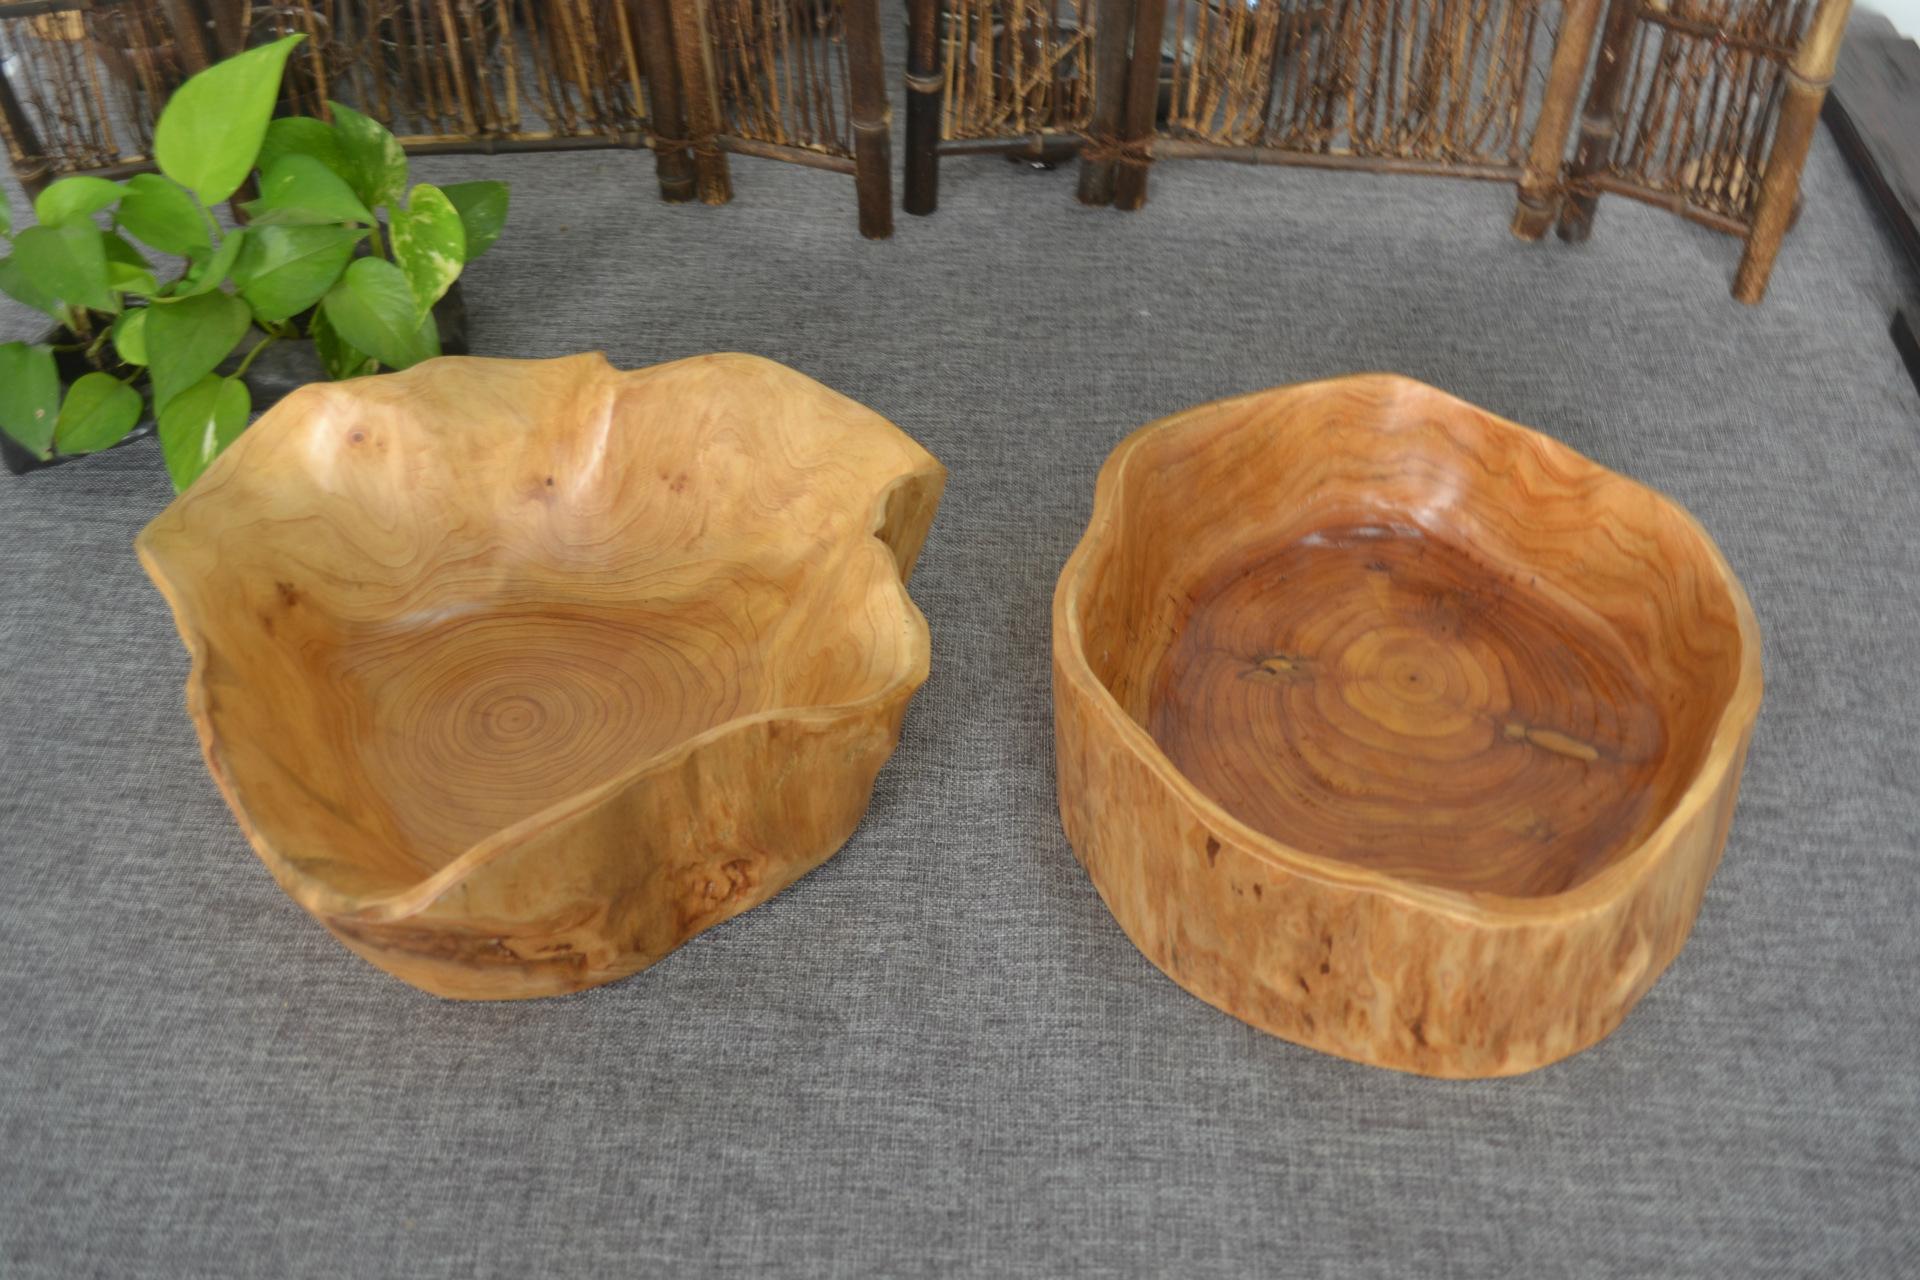 实木根雕多肉花盆批发 天然原杉木制果盆篮工艺品摆件创意礼品